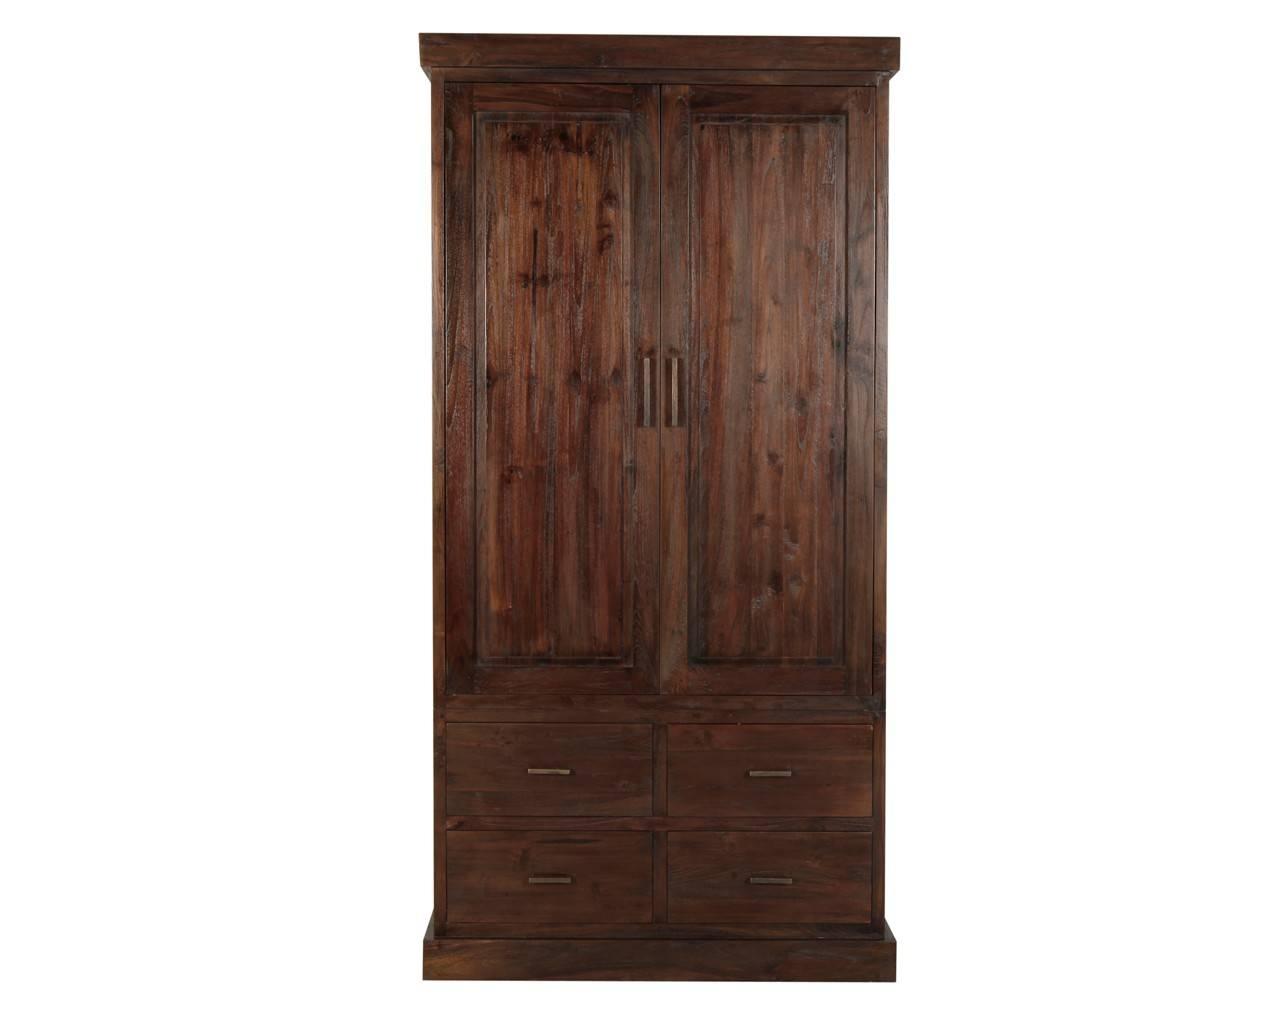 Puji: Reclaimed Teak Wardrobes | Dark Wood Gents Wardrobe in Brown Wardrobes (Image 11 of 15)